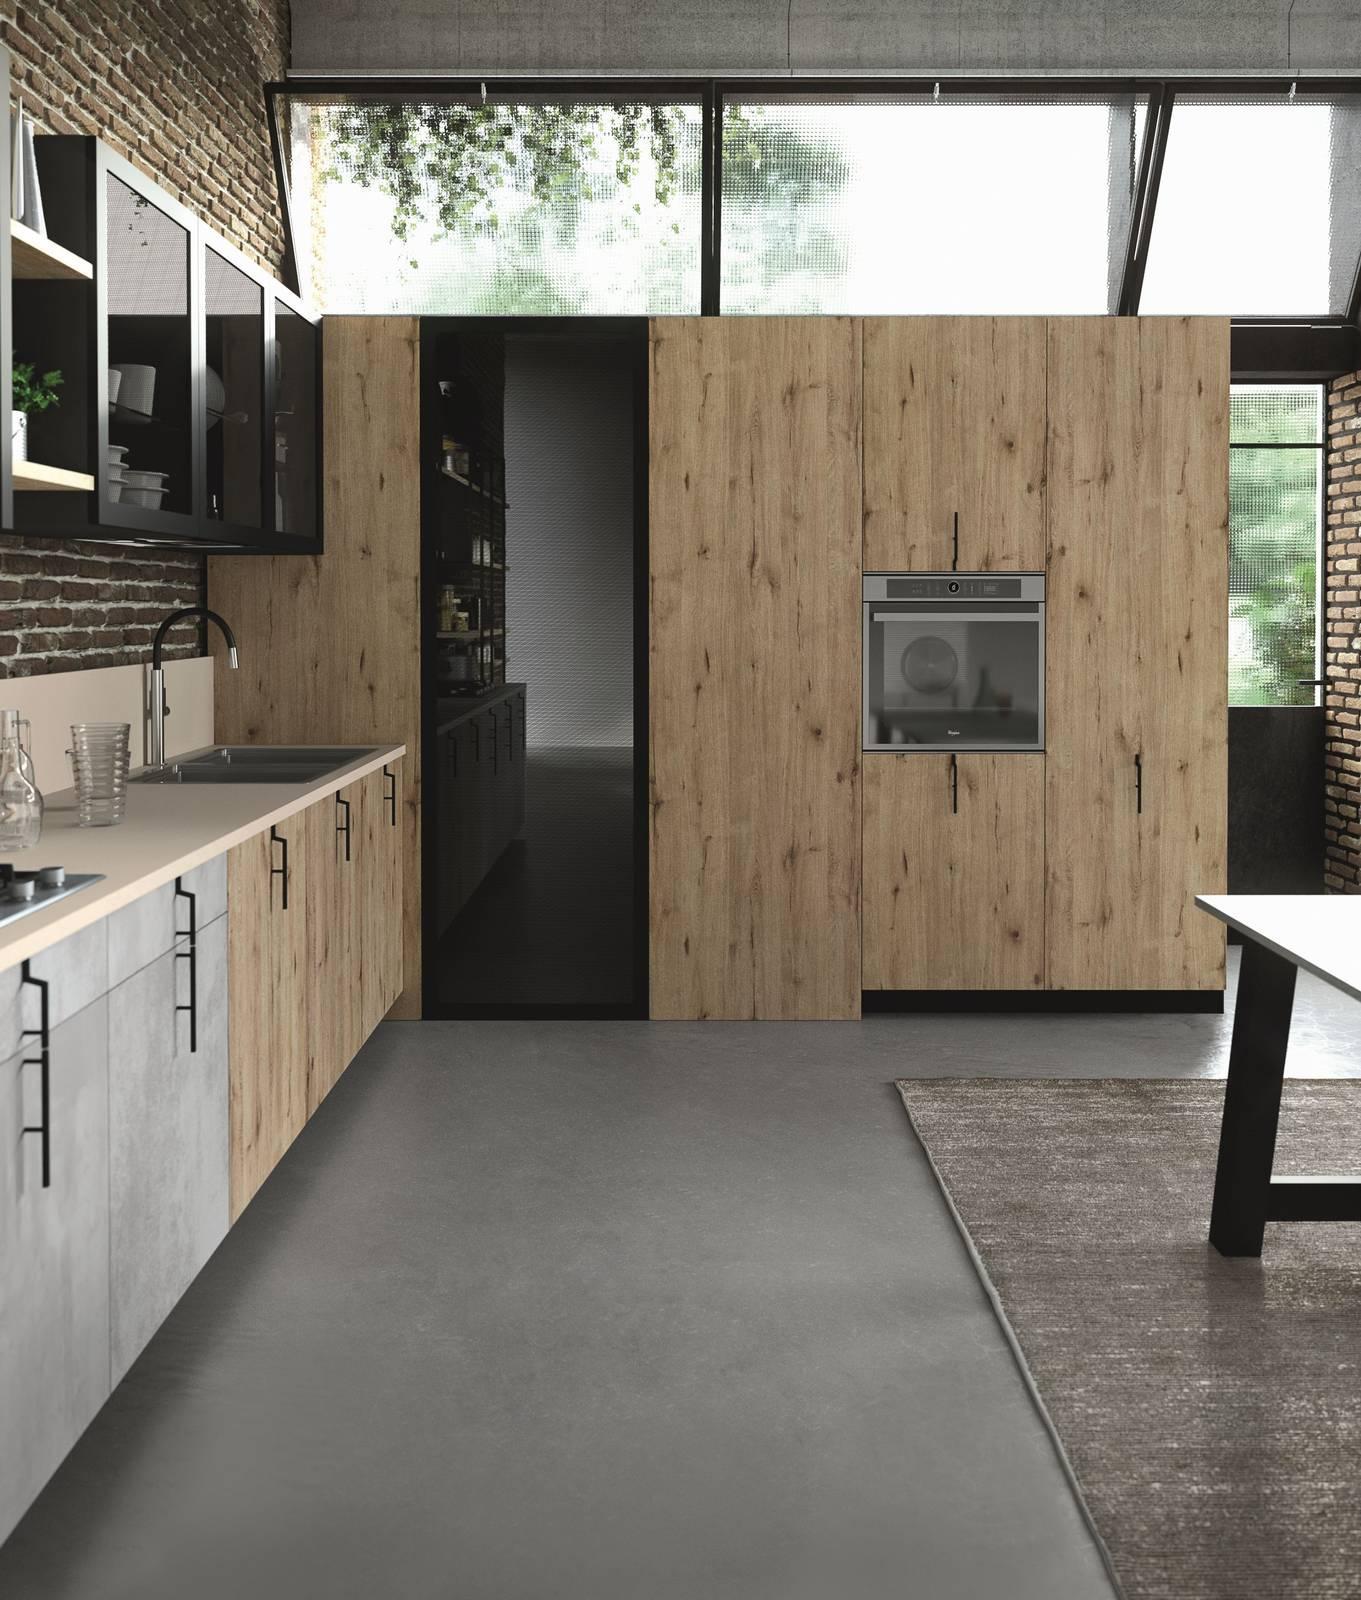 Maniglie X Mobili Da Cucina maniglie cucina, un dettaglio che contribuisce a definire il